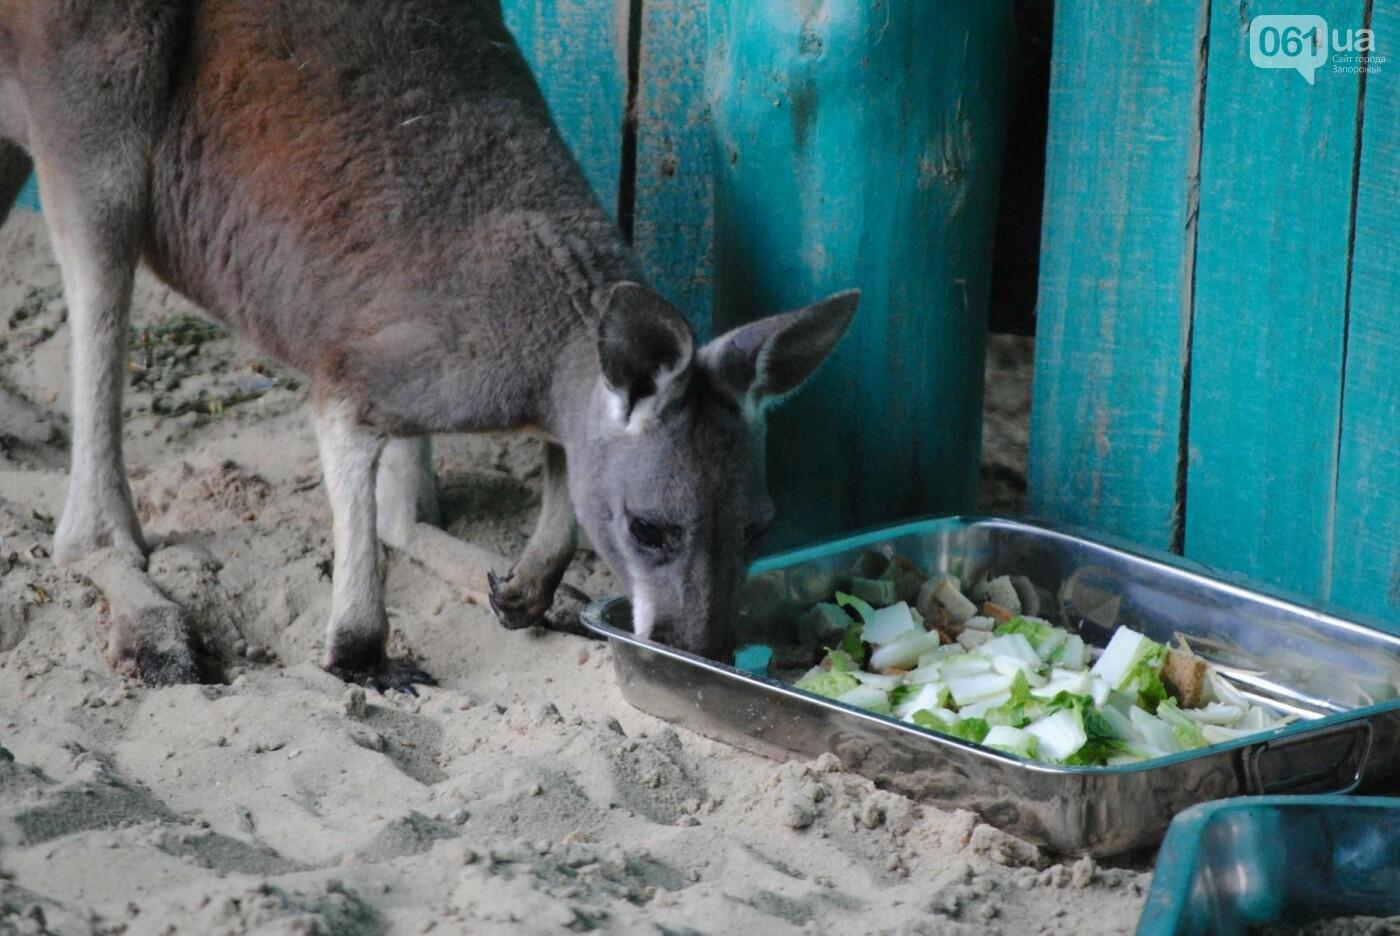 В бердянском зоопарке появились кенгуру: они любят хлеб и скоро станут ручными, - ФОТОРЕПОРТАЖ, фото-13